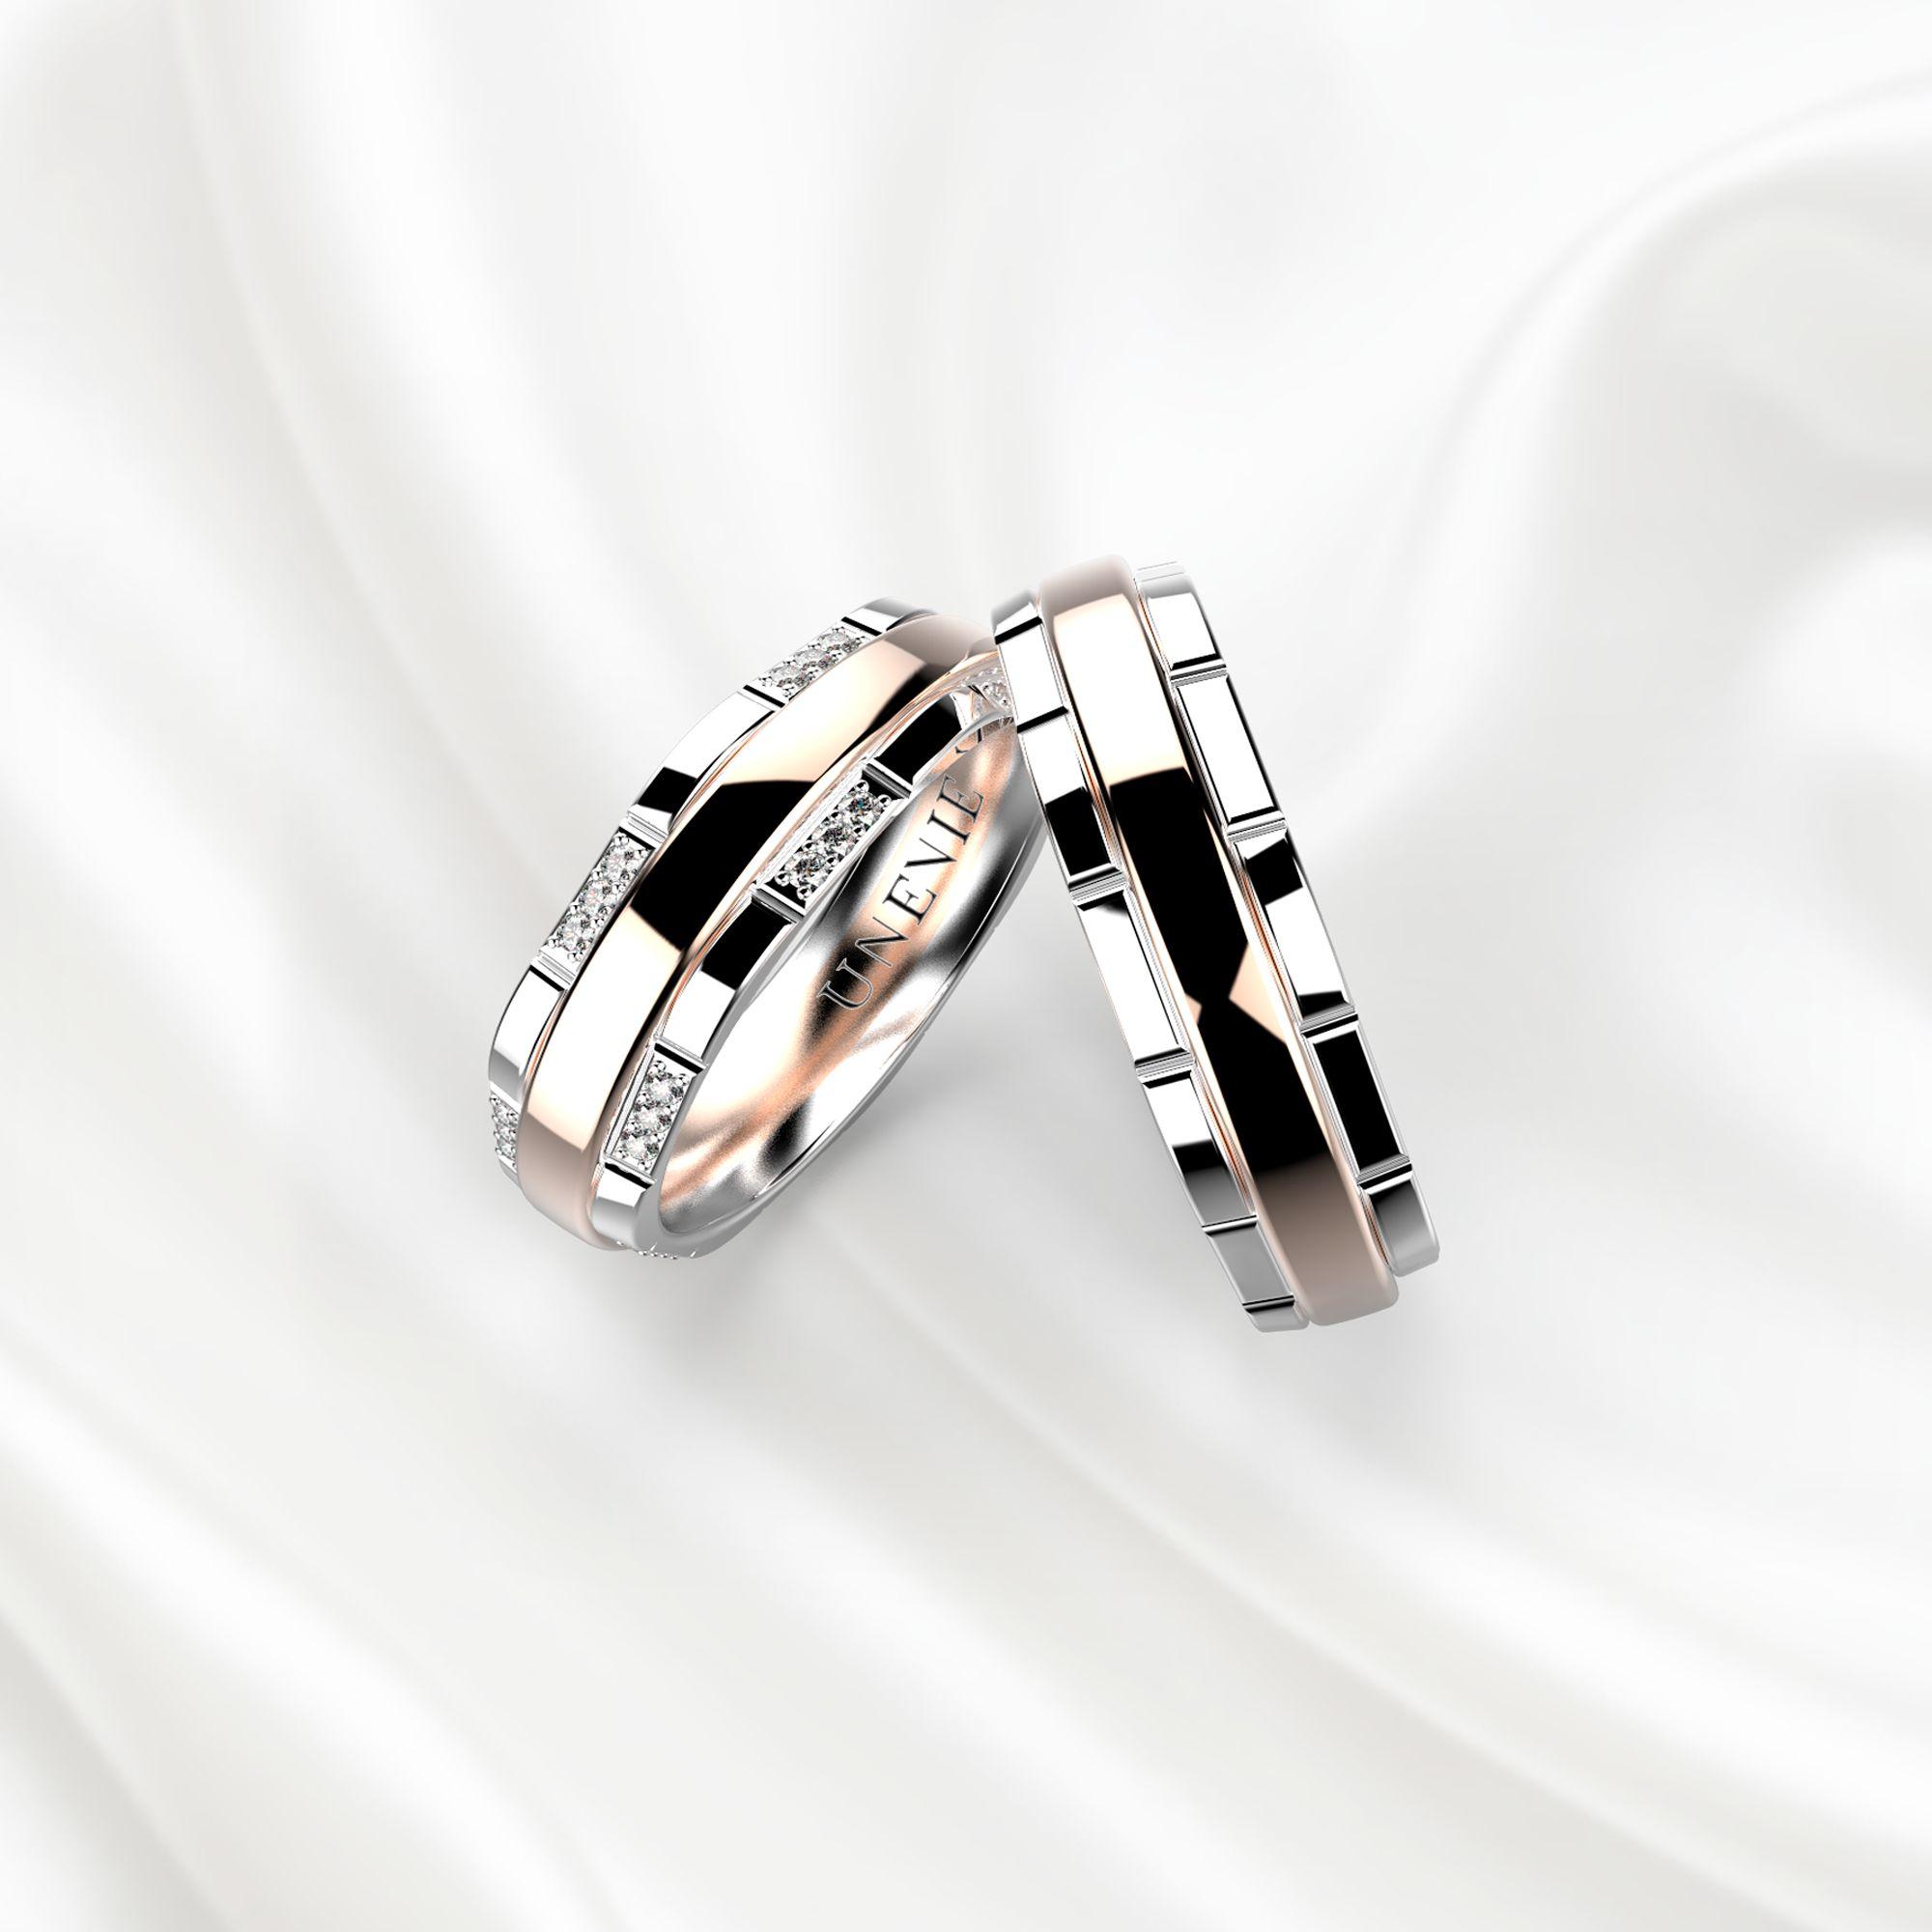 Парные обручальные кольца из розово-белого золота с бриллиантами